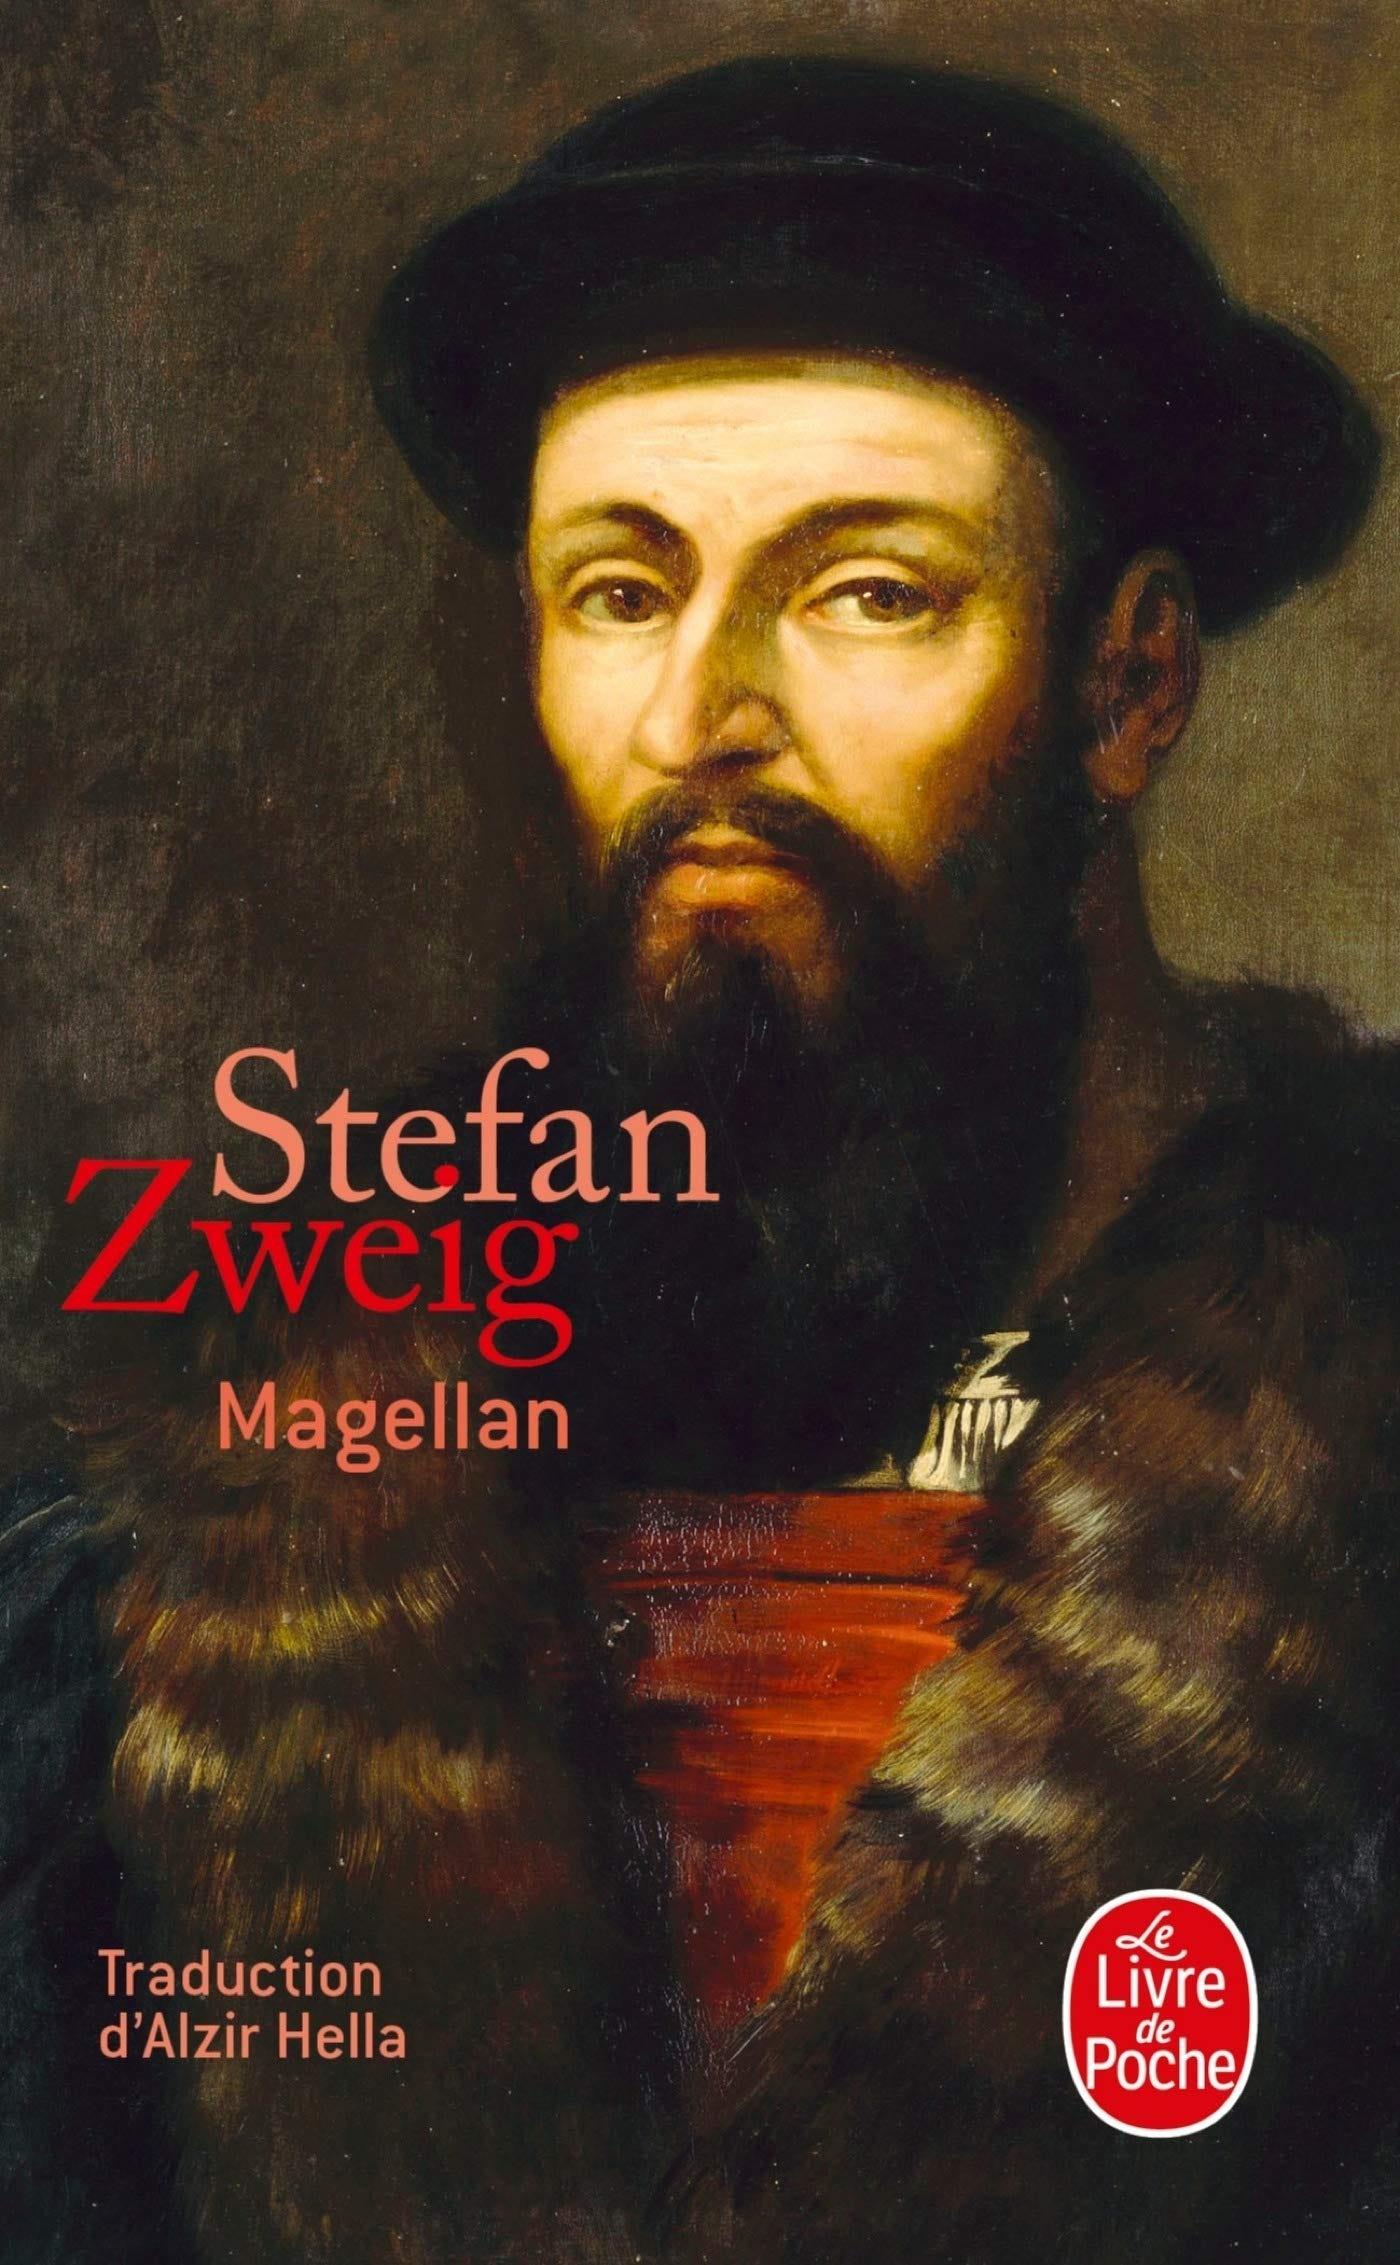 Amazon.fr - Magellan - Zweig, Stefan - Livres